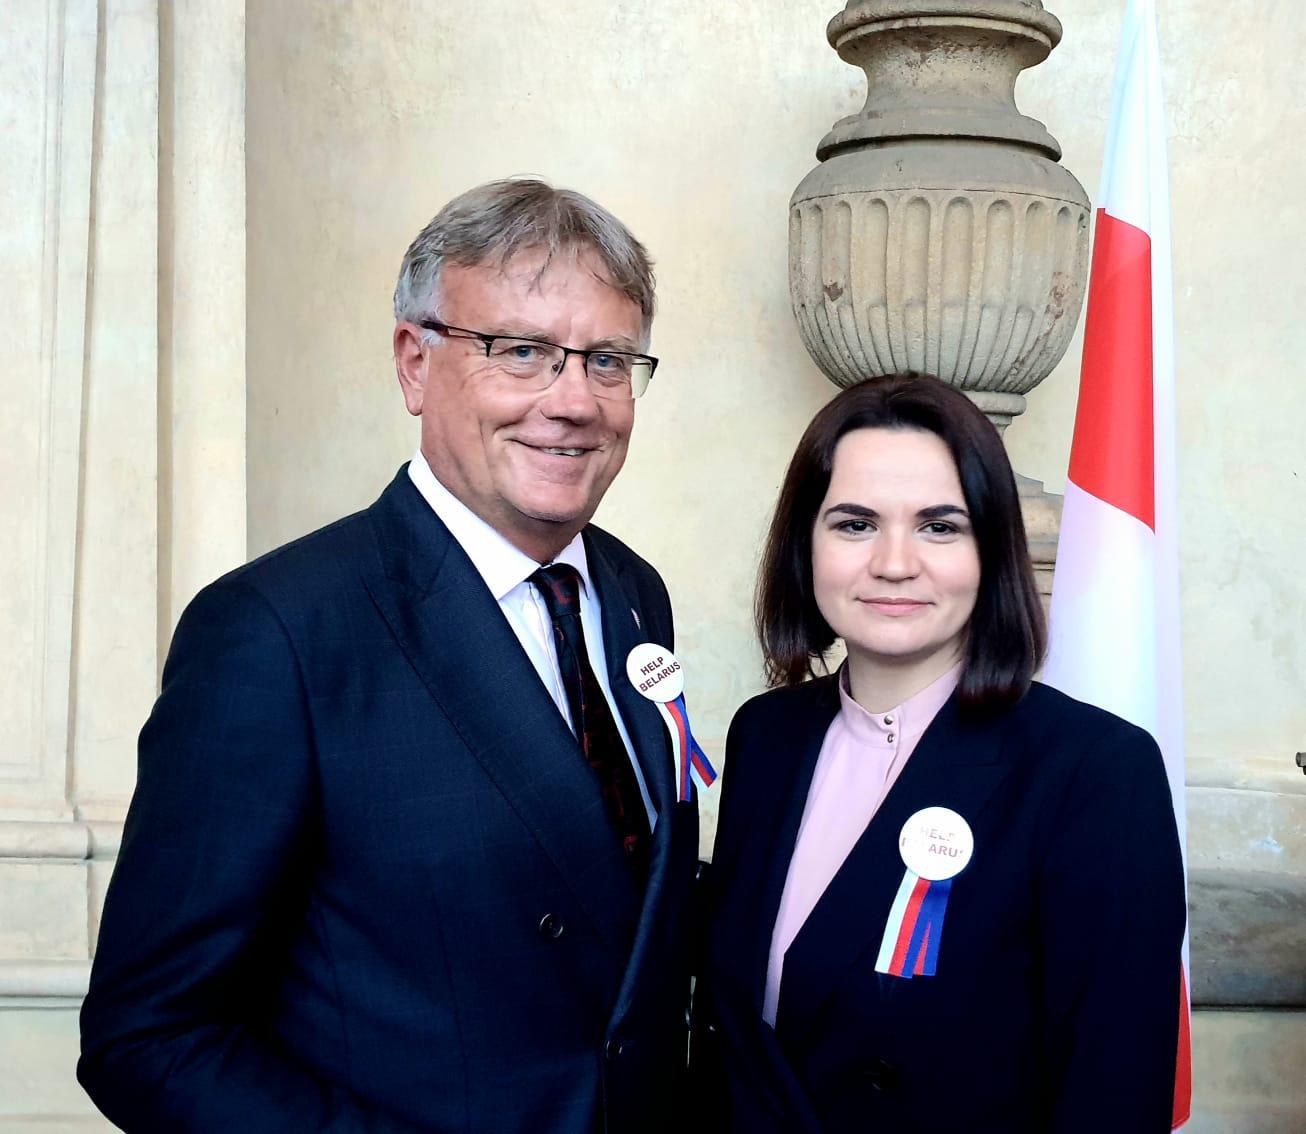 Senát navštívila Svjatlana Cichanouská